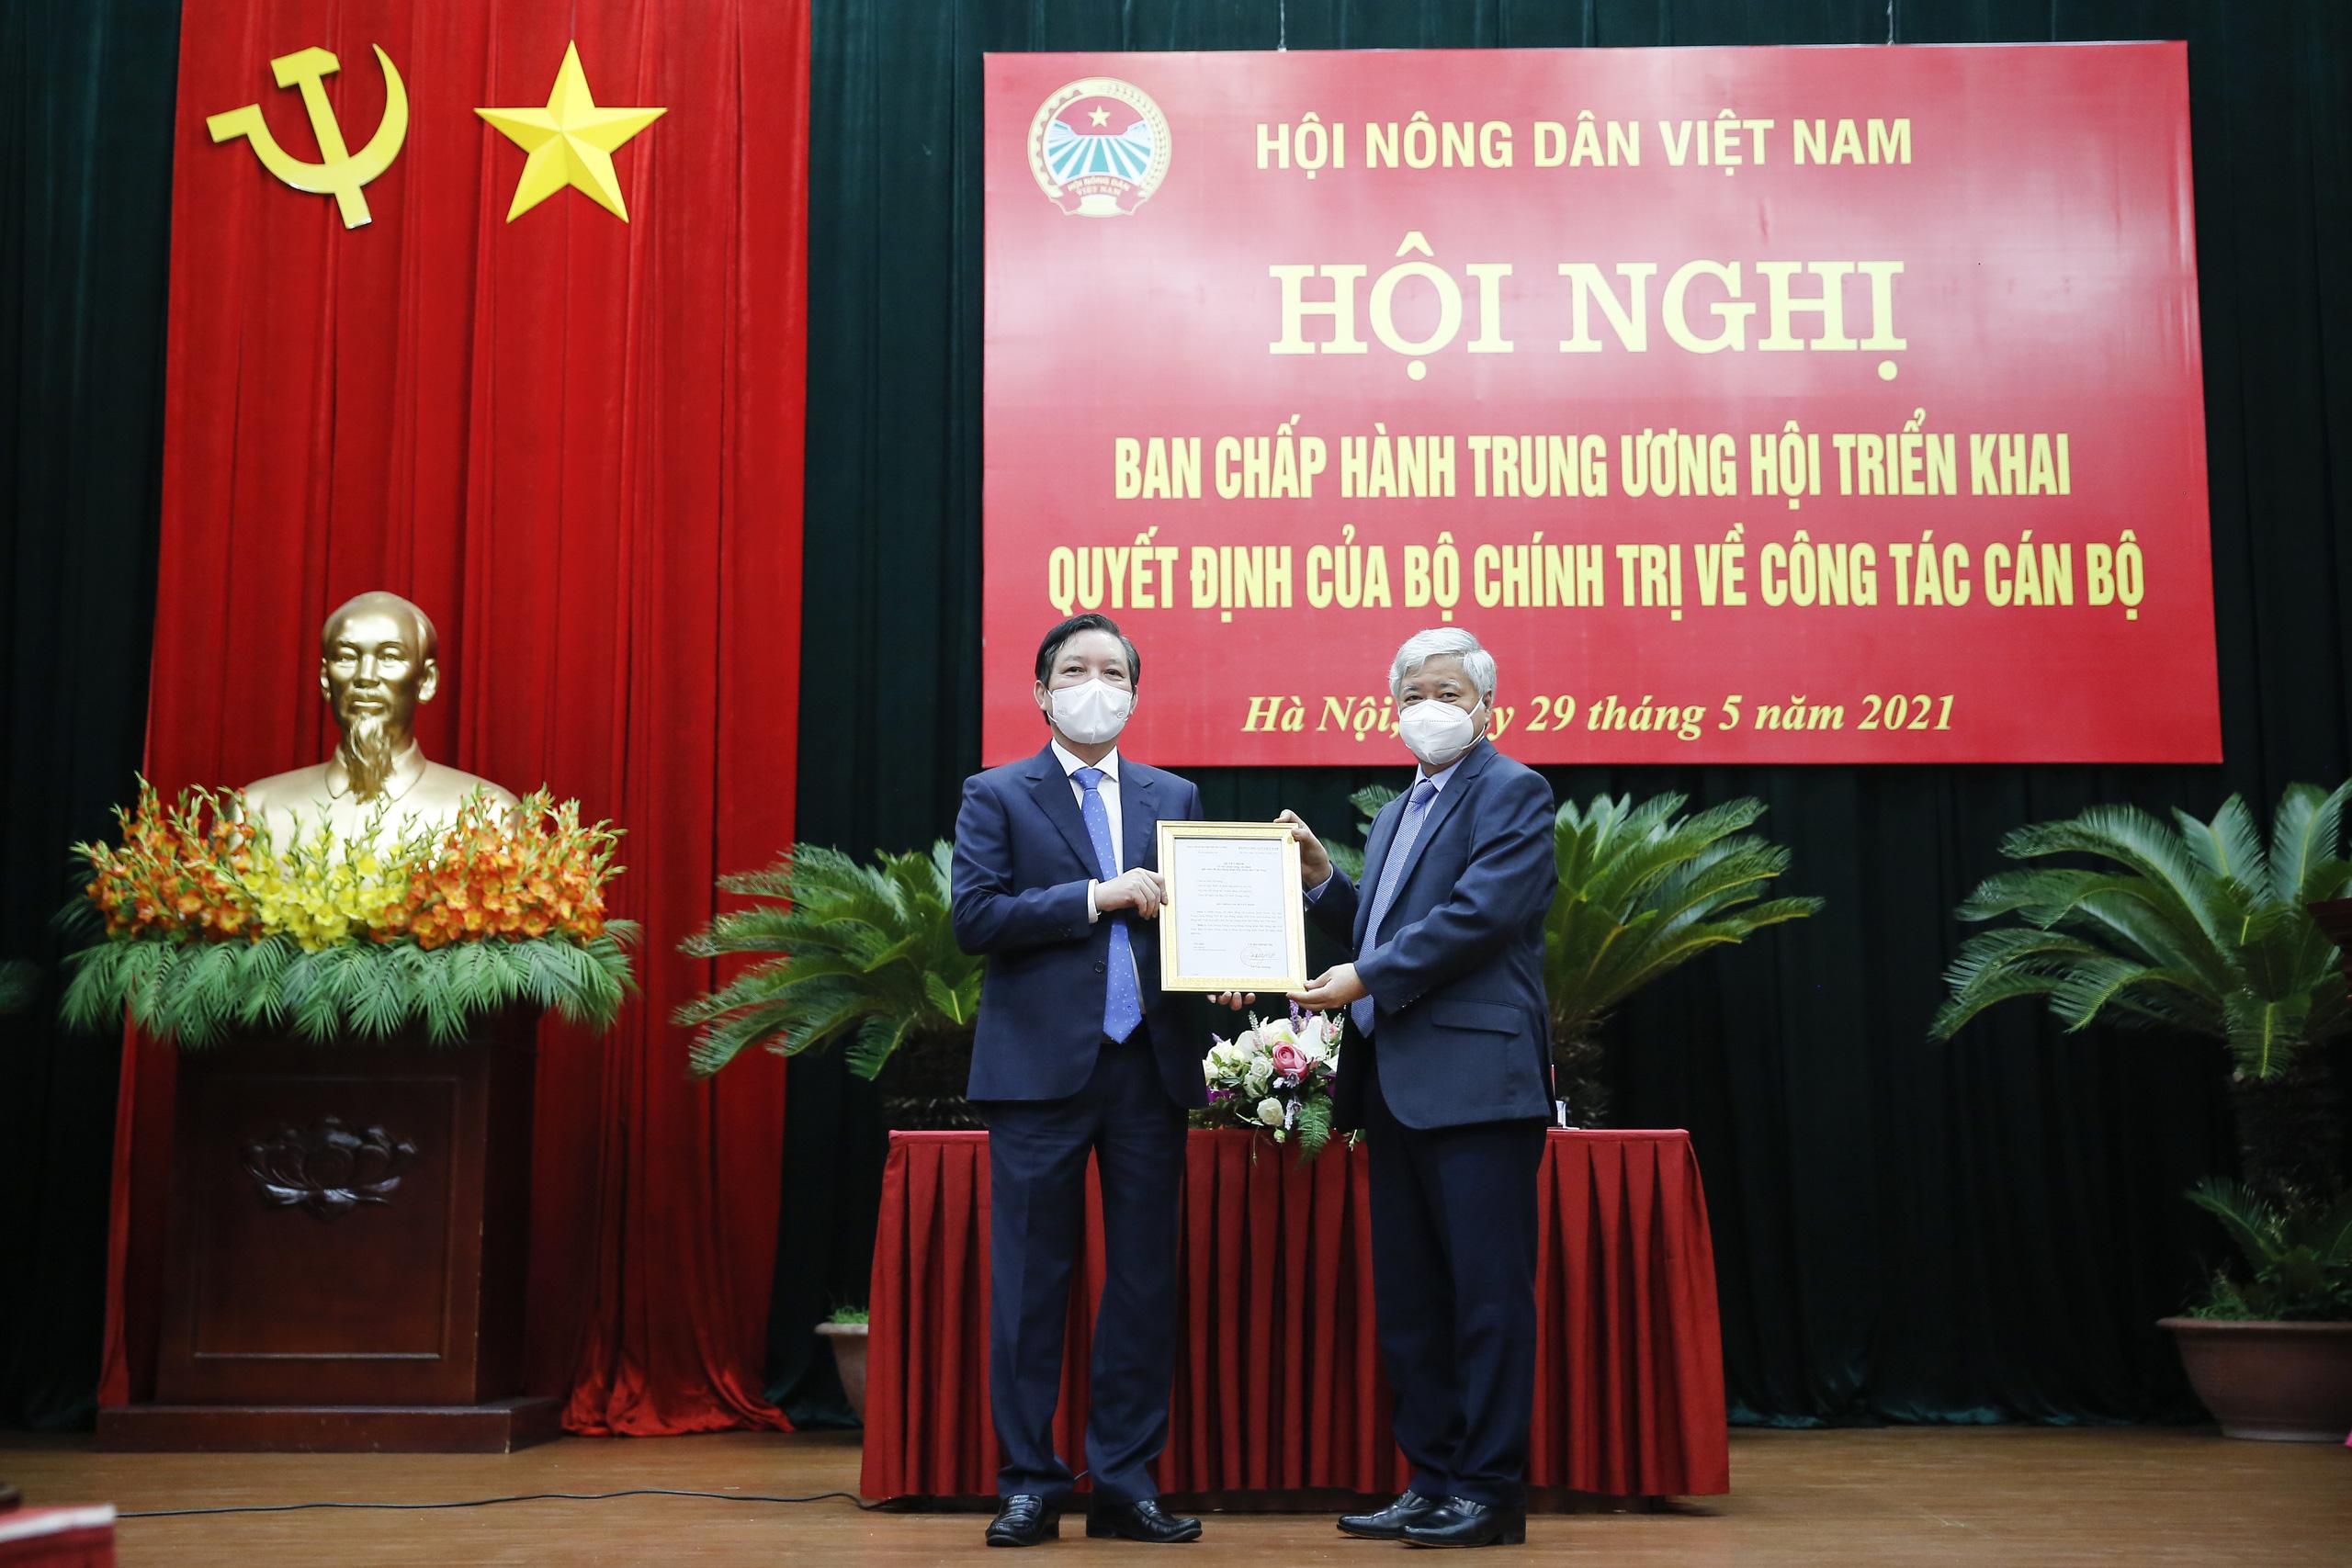 Ông Lương Quốc Đoàn đảm nhận chức Bí thư Đảng đoàn T.Ư Hội Nông dân Việt Nam - Ảnh 2.